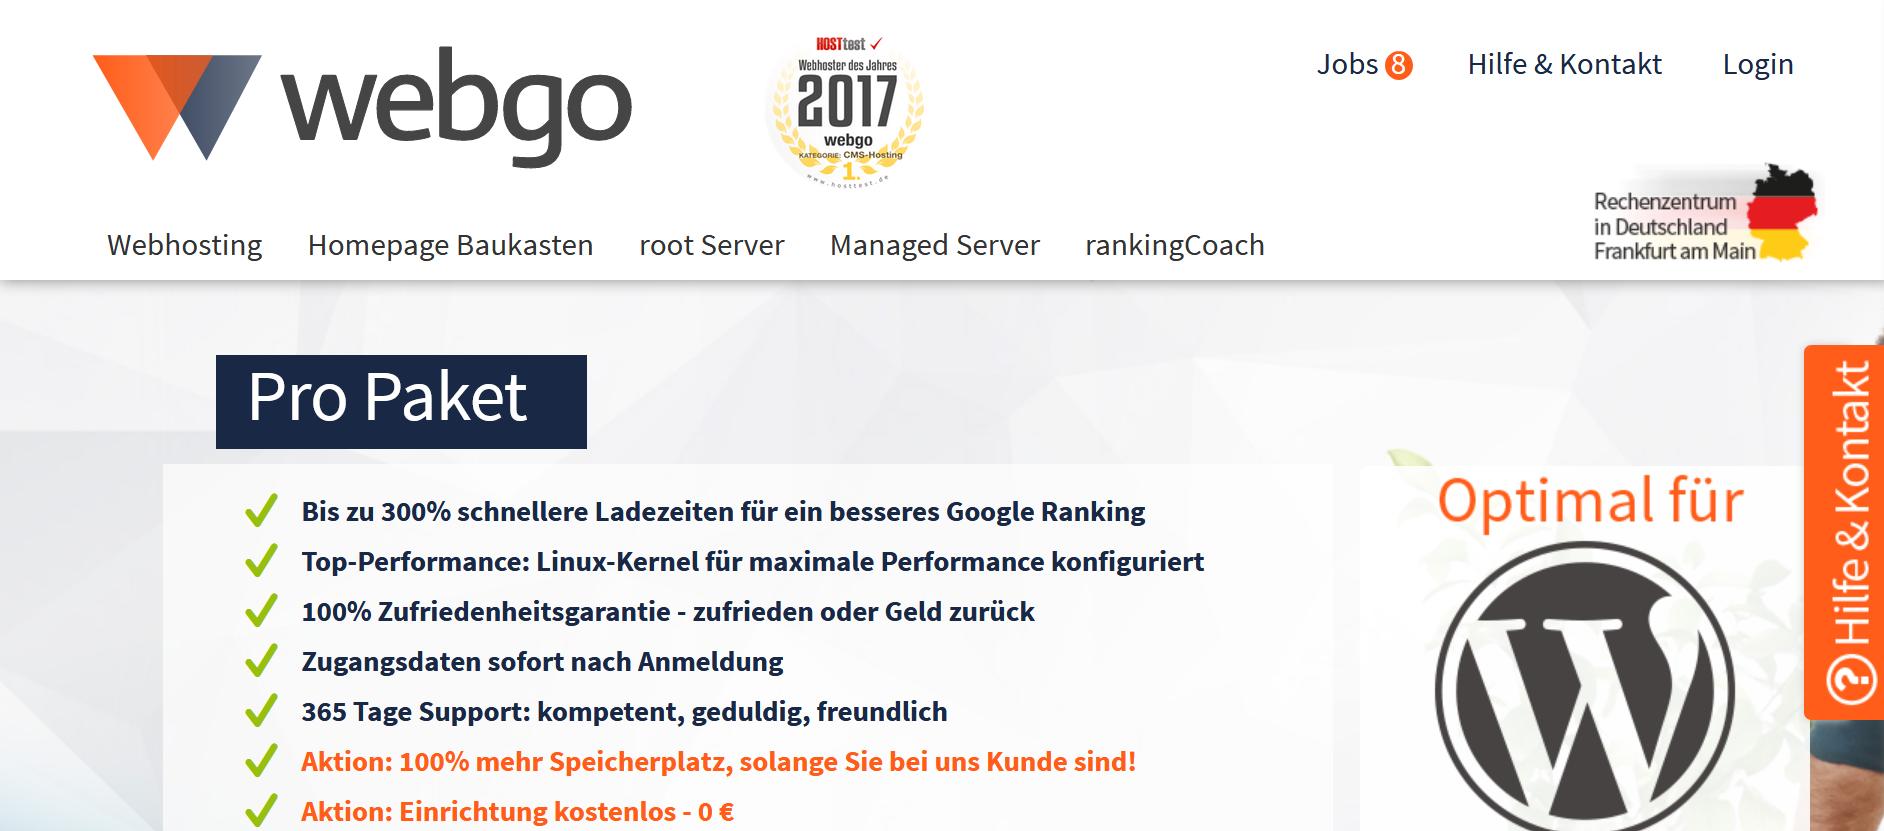 Geeigneter Webhoster, um einen professionellen Blog zu erstellen